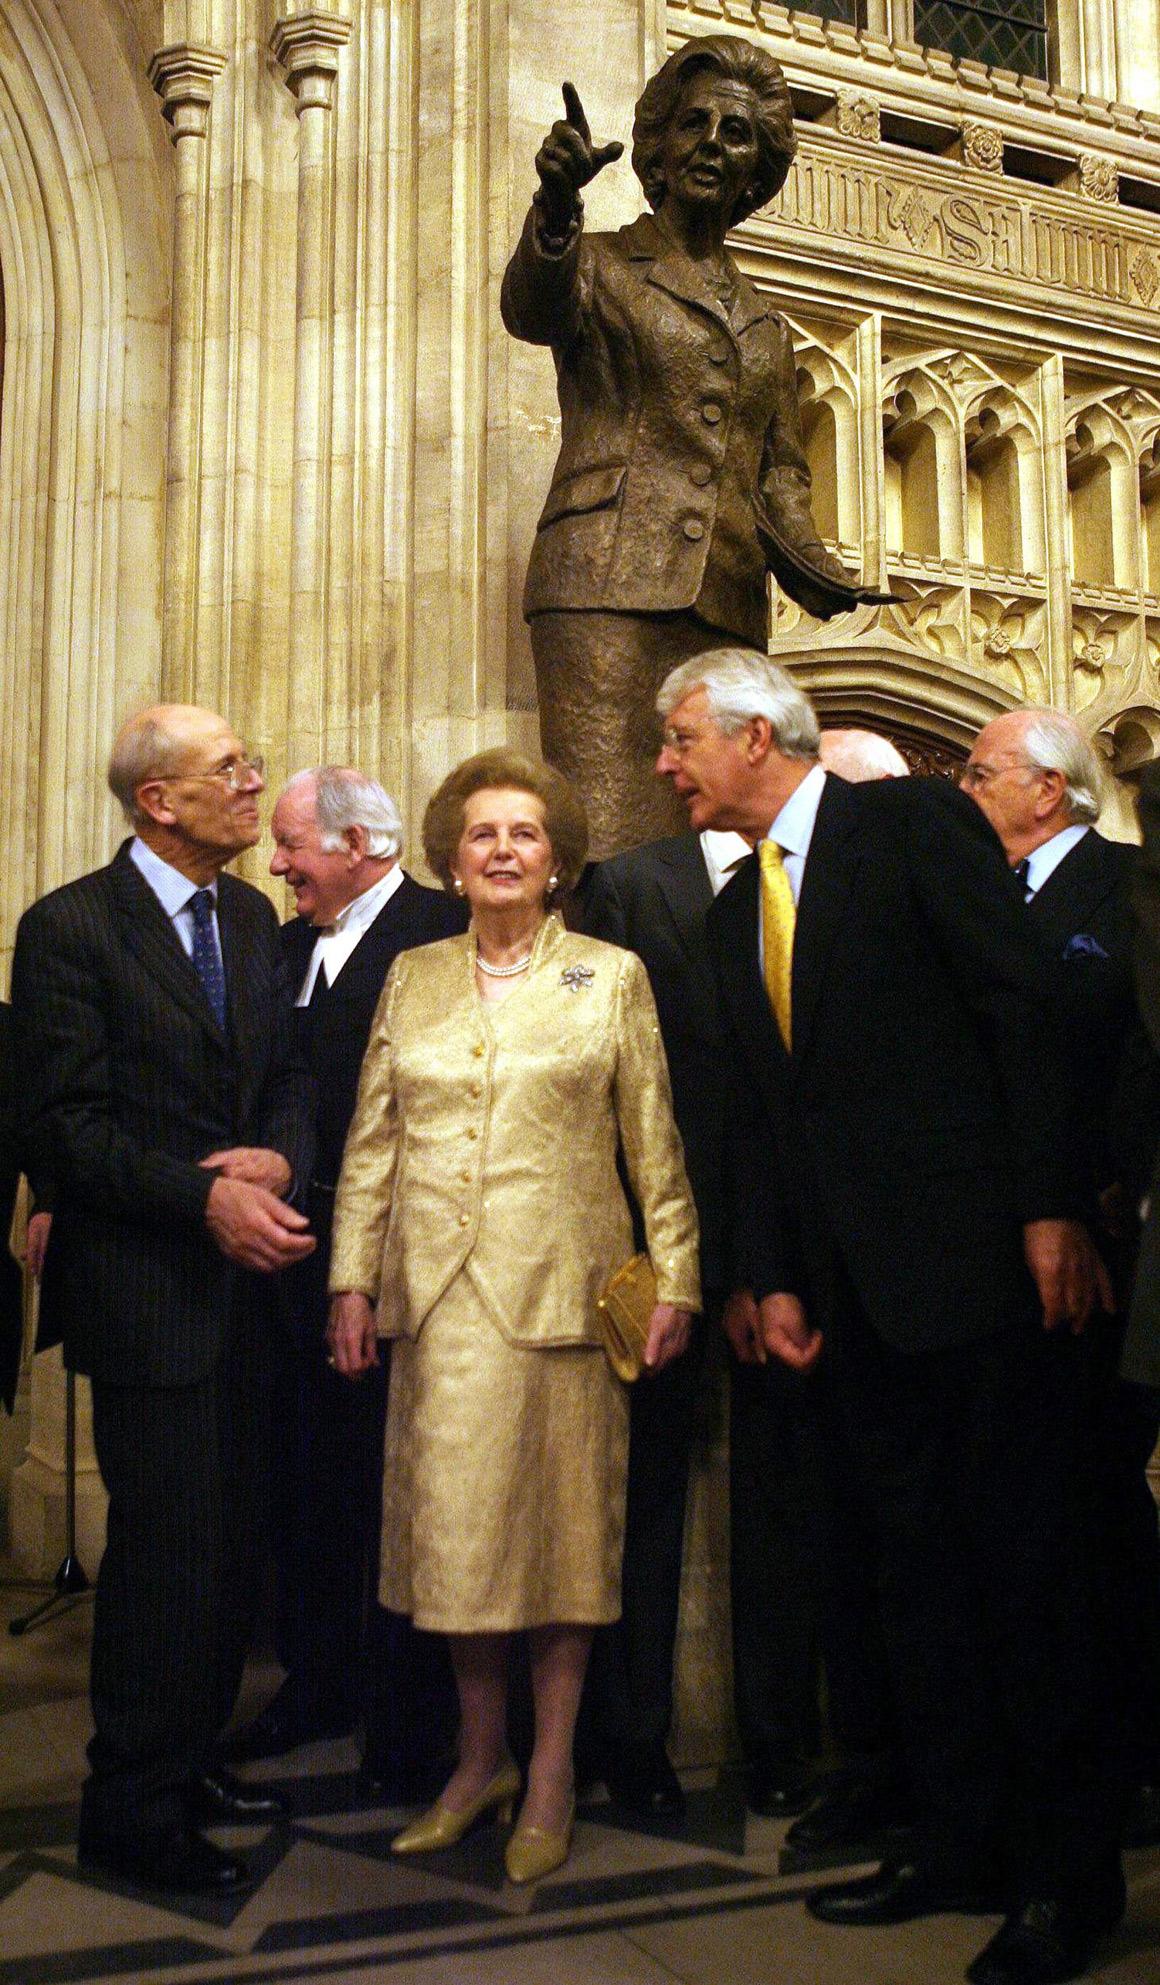 Nenhum dos seus sucessores foi tão marcante como a Dama de Ferro: com John Major, junto de uma escultura em homenagem a Thatcher no Palácio de Westminster, em 2007